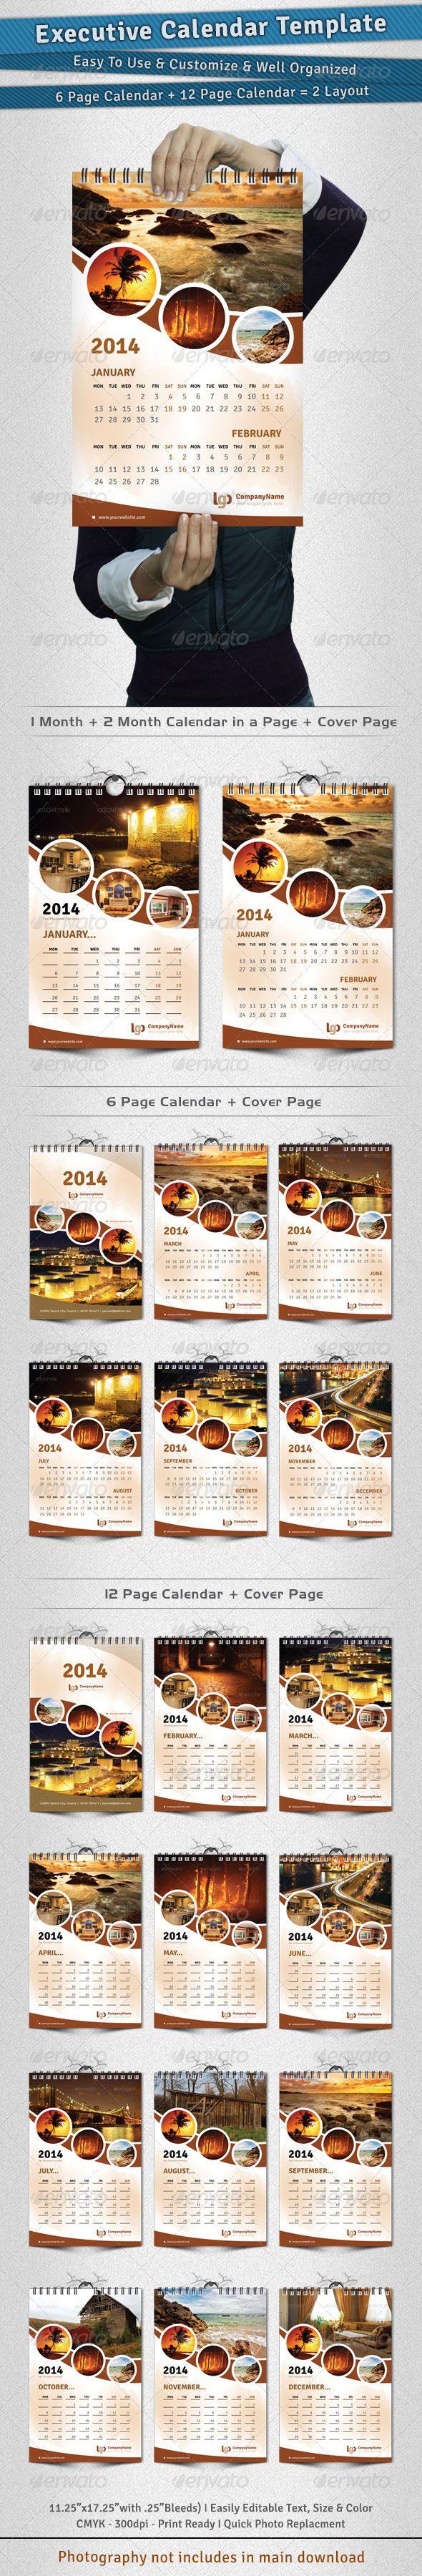 photo calendar templates